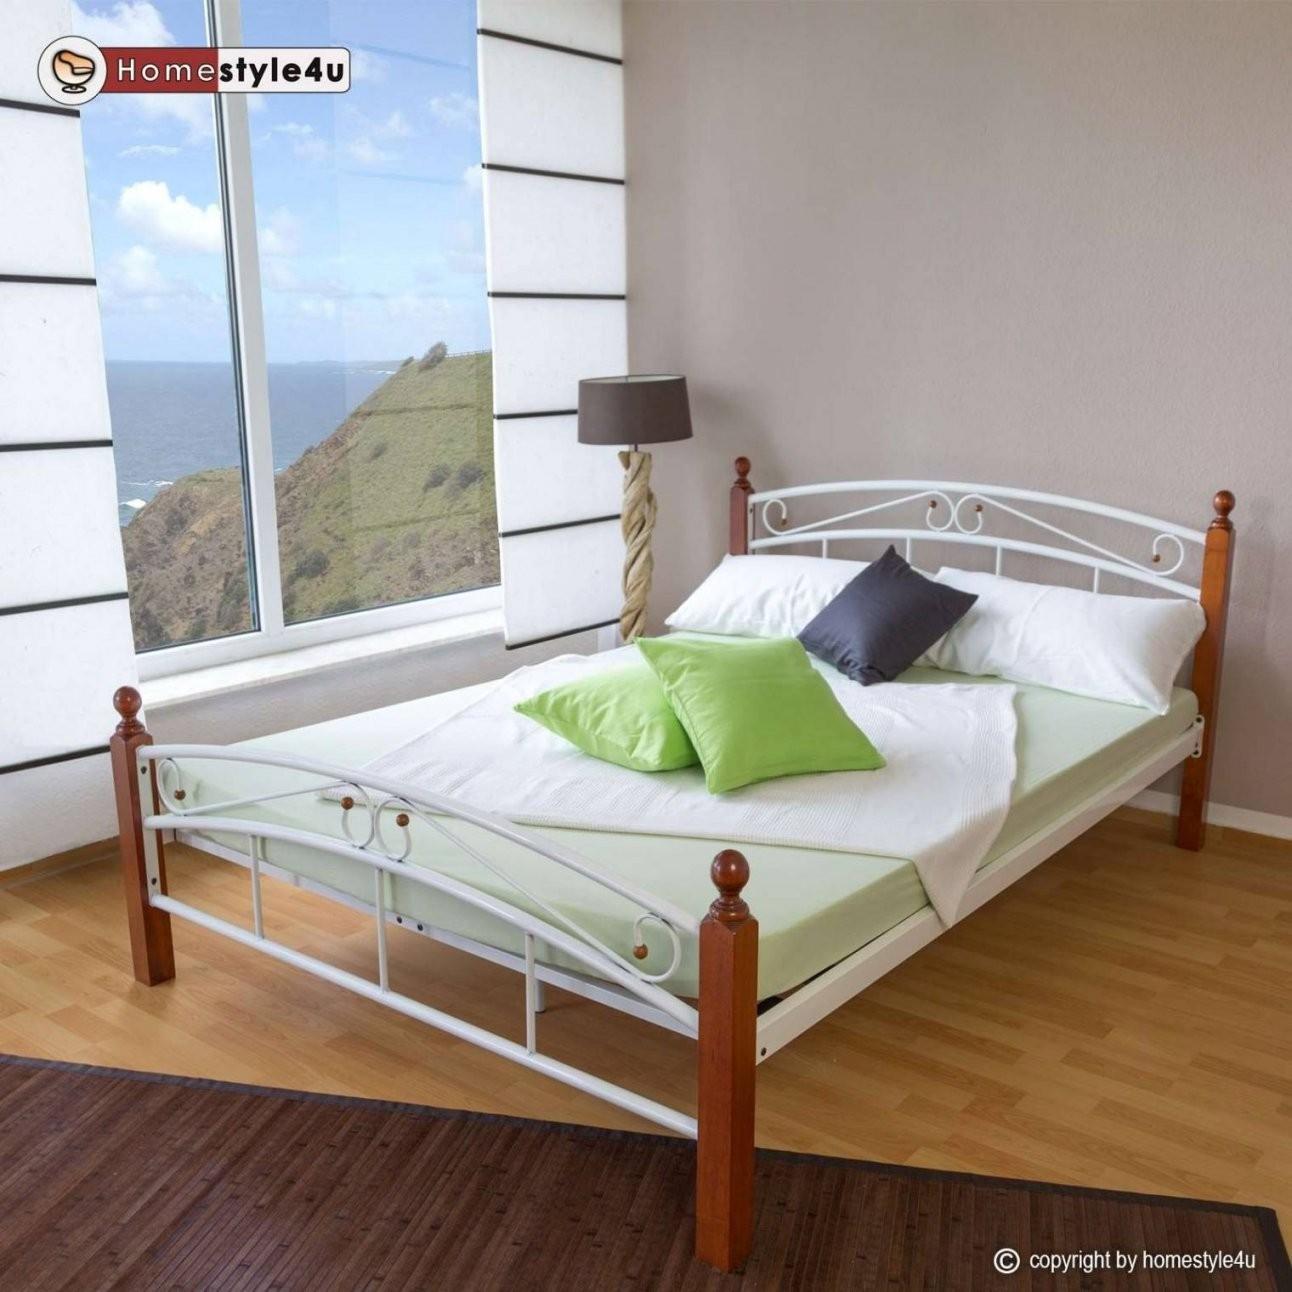 Betten 160 X 200 Elegant 52 Schön Bett Grau 160×200 Bilder von Bett Grau 160X200 Photo